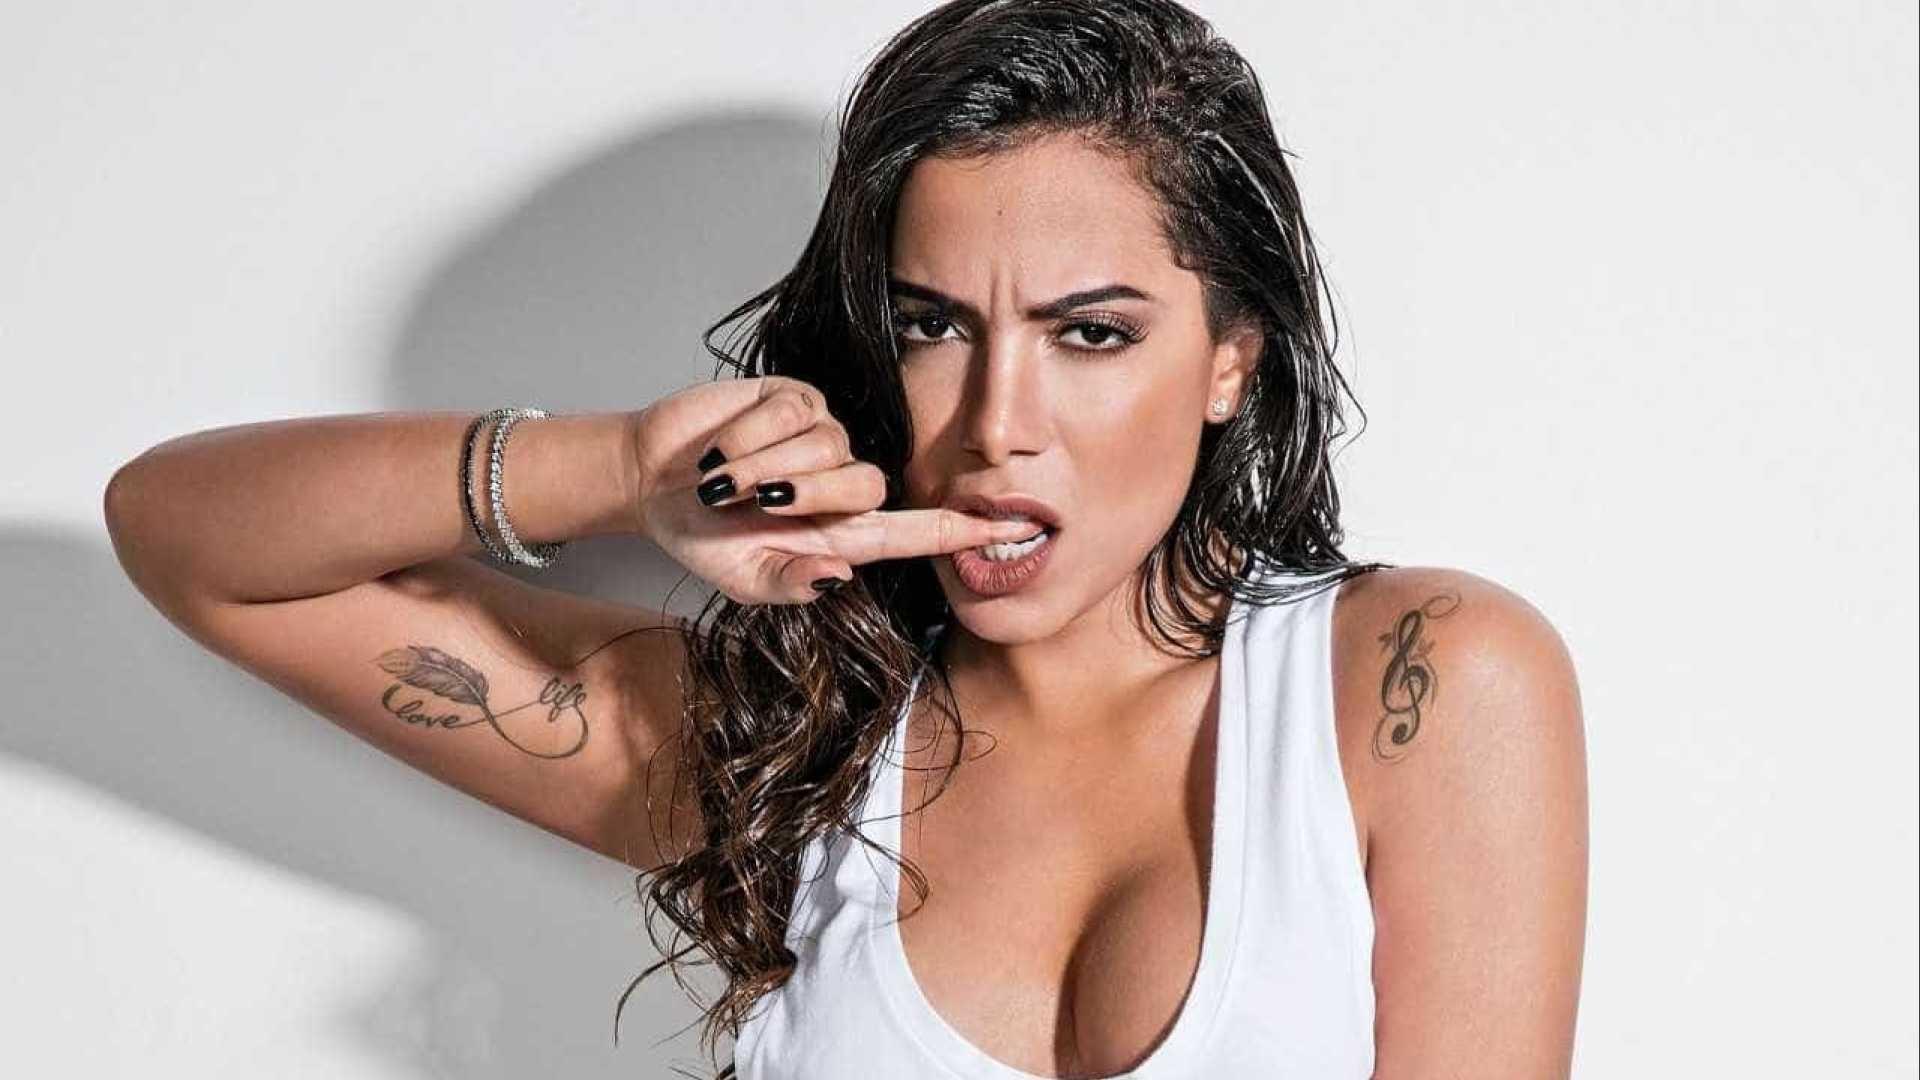 anitta telonas.jpg?resize=412,232 - Anitta corta o cabelo e seguidores a comparam com Kim Kardashian: Ficou parecida?